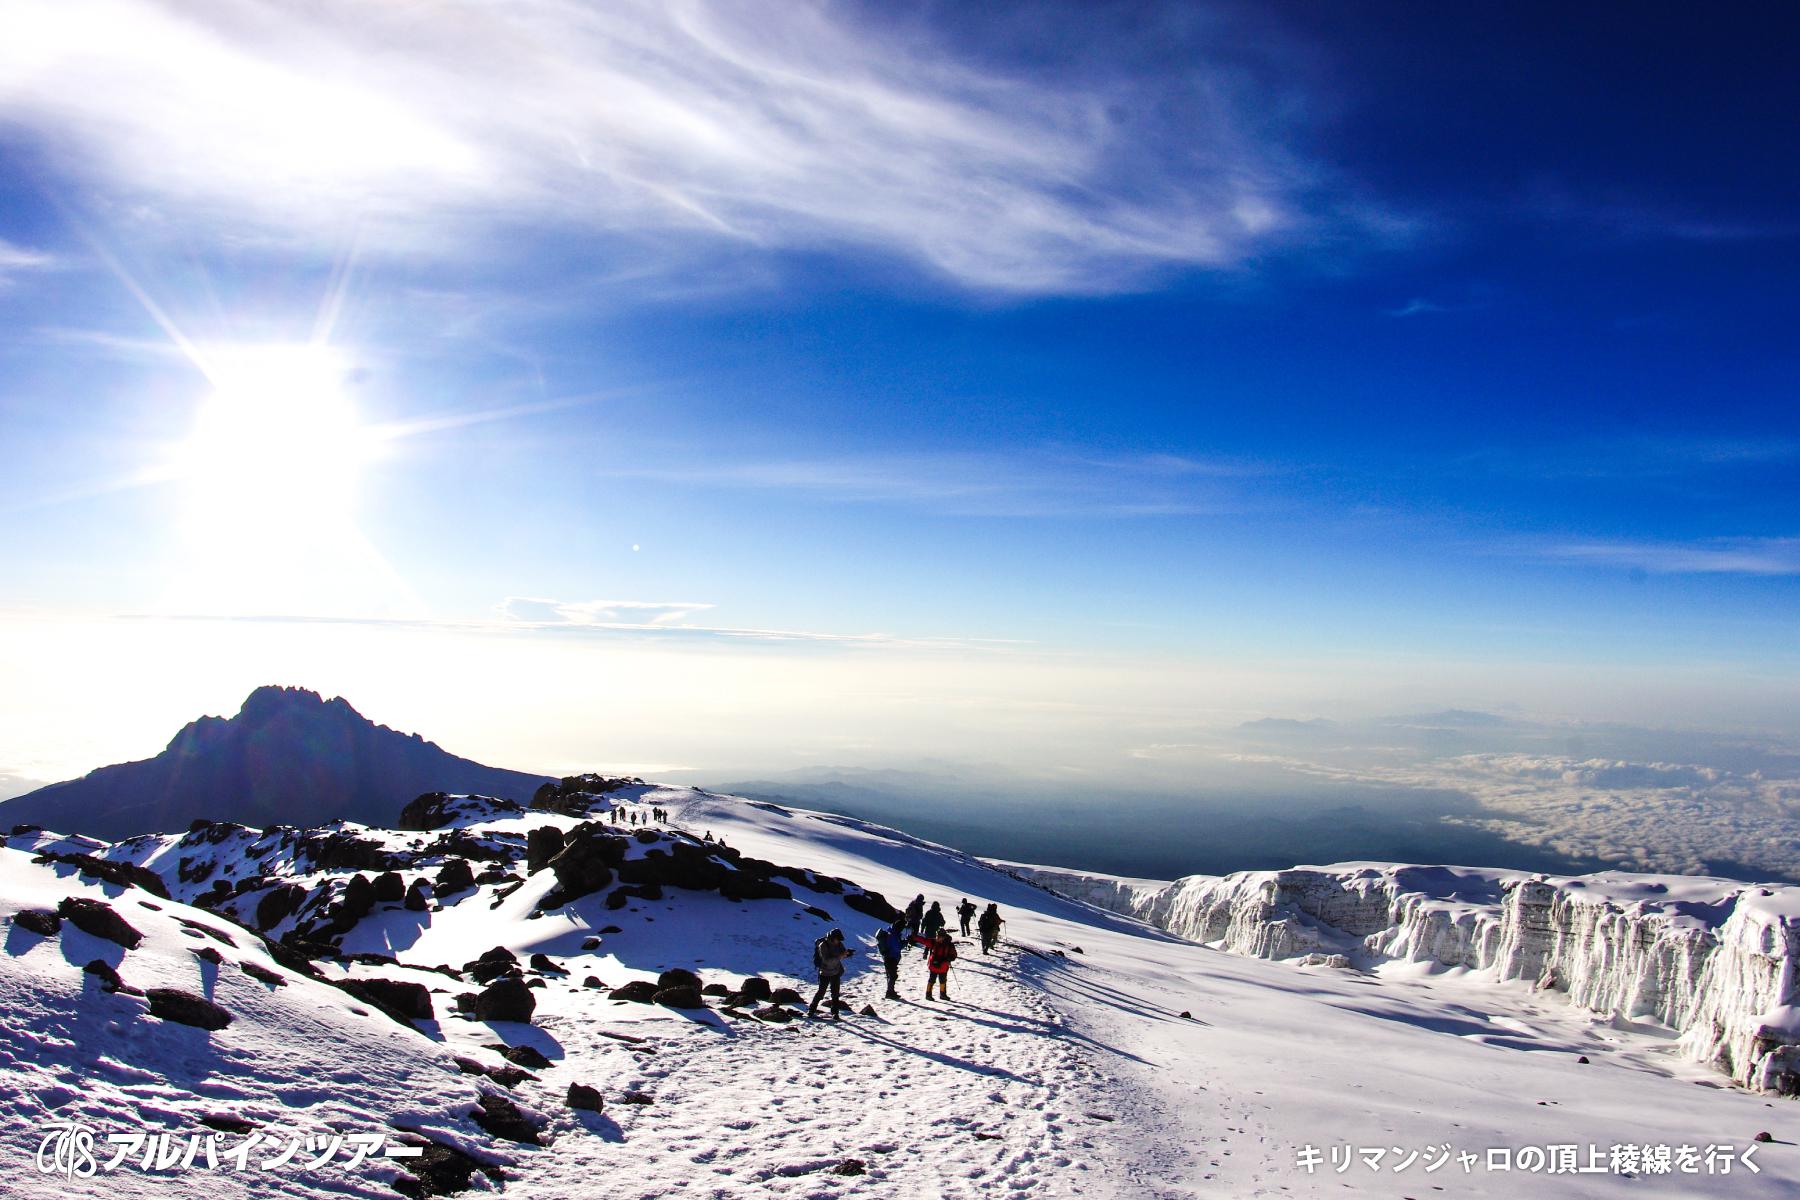 【エリア紹介】 アフリカ大陸最高峰・キリマンジャロ(タンザニア)